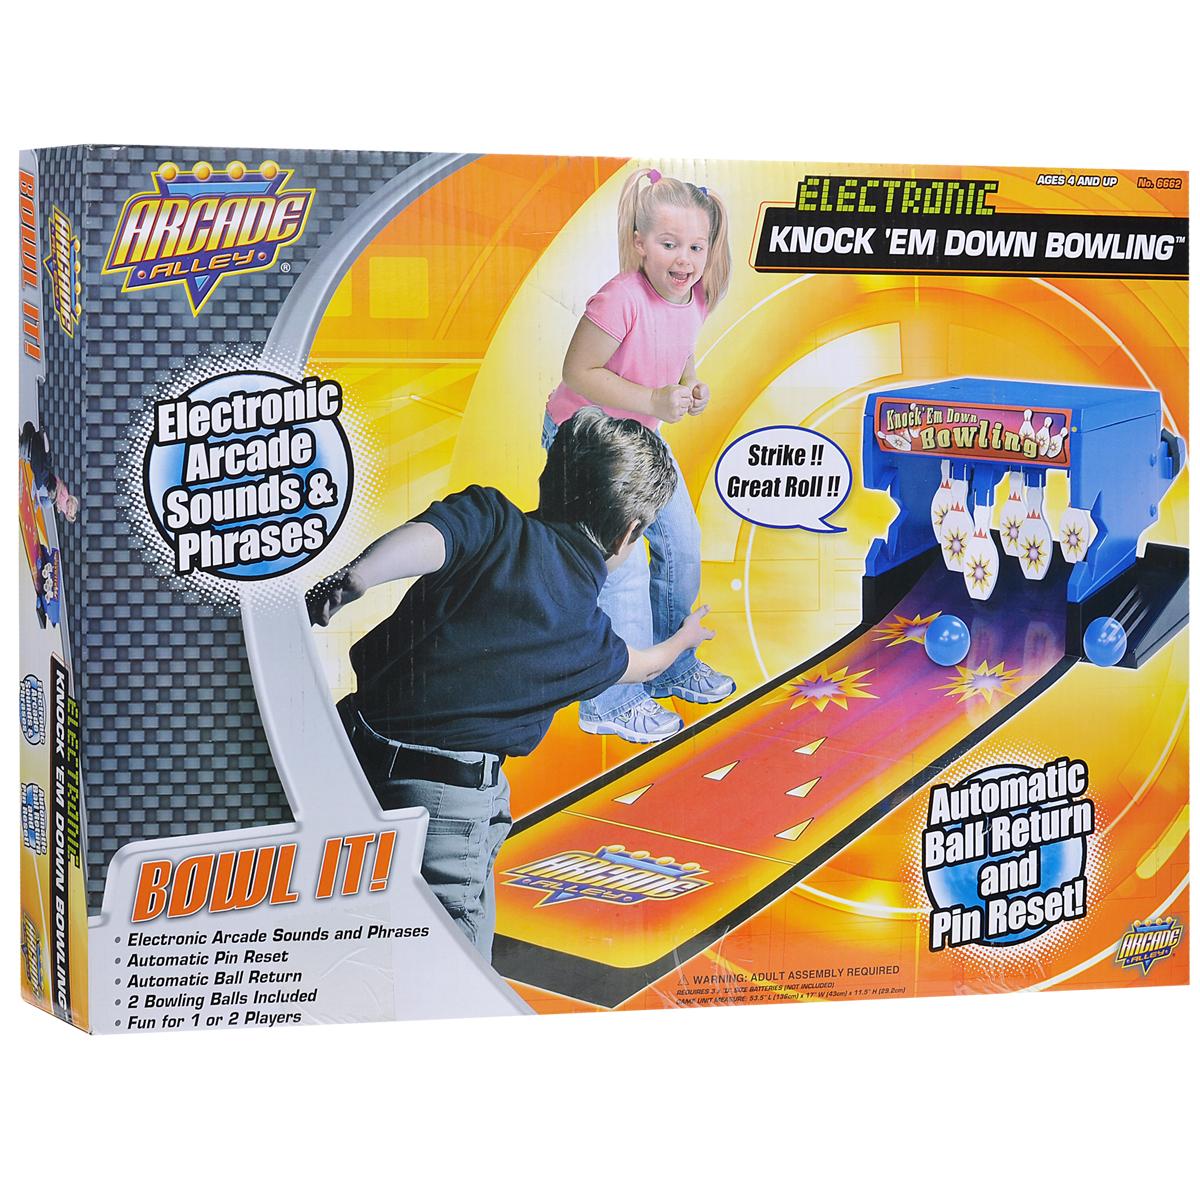 Боулинг Moose Mountain Arcade Alley, электронный6662Боулинг Moose Mountain Arcade Alley - это отличная веселая игра, развивающая ловкость, координацию и глазомер. Ваши дети проведут время в активном движении, играя в такую «взрослую» игру. Боулинг оснащен механизмом автоматического возврата шара. Кроме того, время от времени в процессе игры боулинг будет издавать реплики забавным голосом. Например, если вы собьете все кегли, боулинг скажет: «Страйк!». Окажетесь ли вы достаточно меткими, чтобы услышать это? В комплект входят основа для закрепления кеглей, шесть кеглей, пластиковая труба, две поддержки для сетки, основа для возврата мяча, две боковые панели, дорожка, два мяча, а также соединительные элементы и подробная инструкция на русском языке. Необходимо докупить 3 батареи типа D (не входят в комплект).